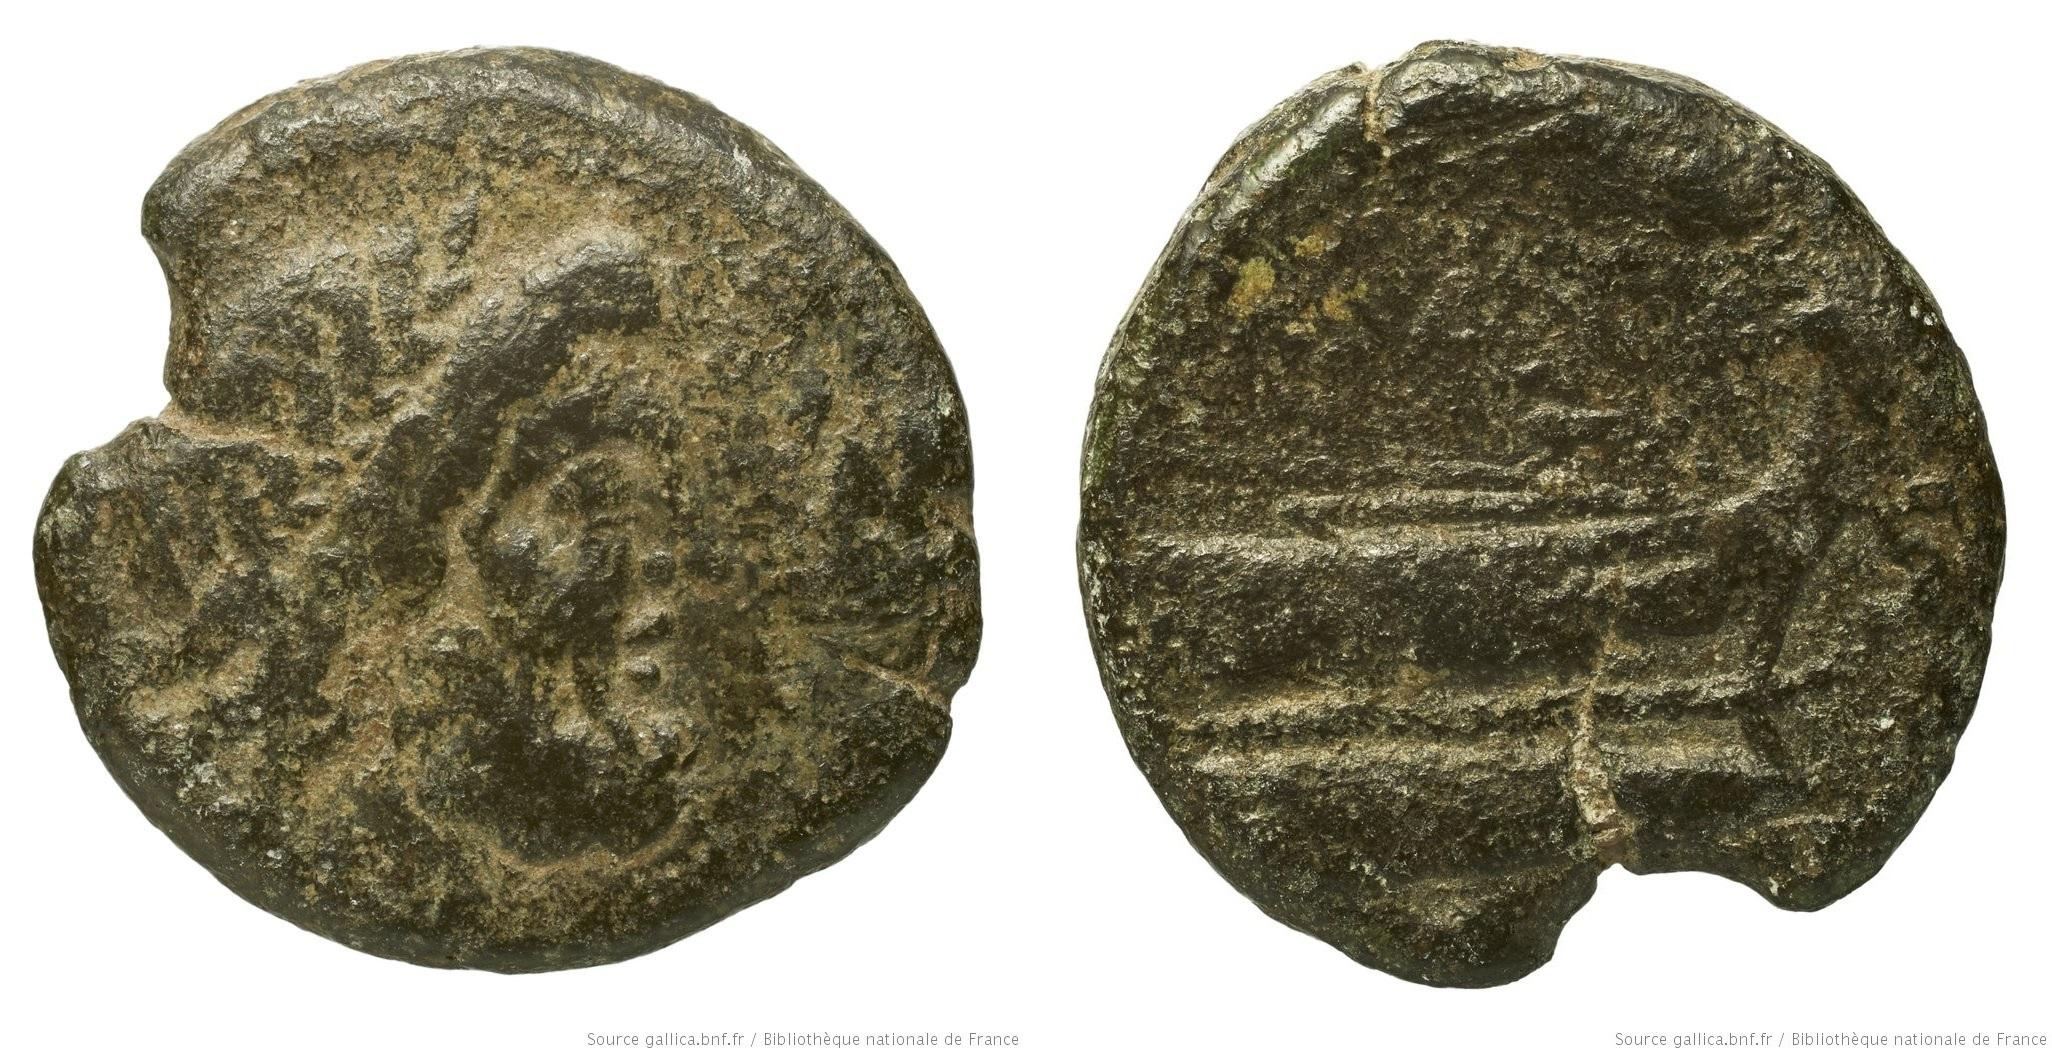 909VA – Semis Valeria – Caius Valerius Flaccus